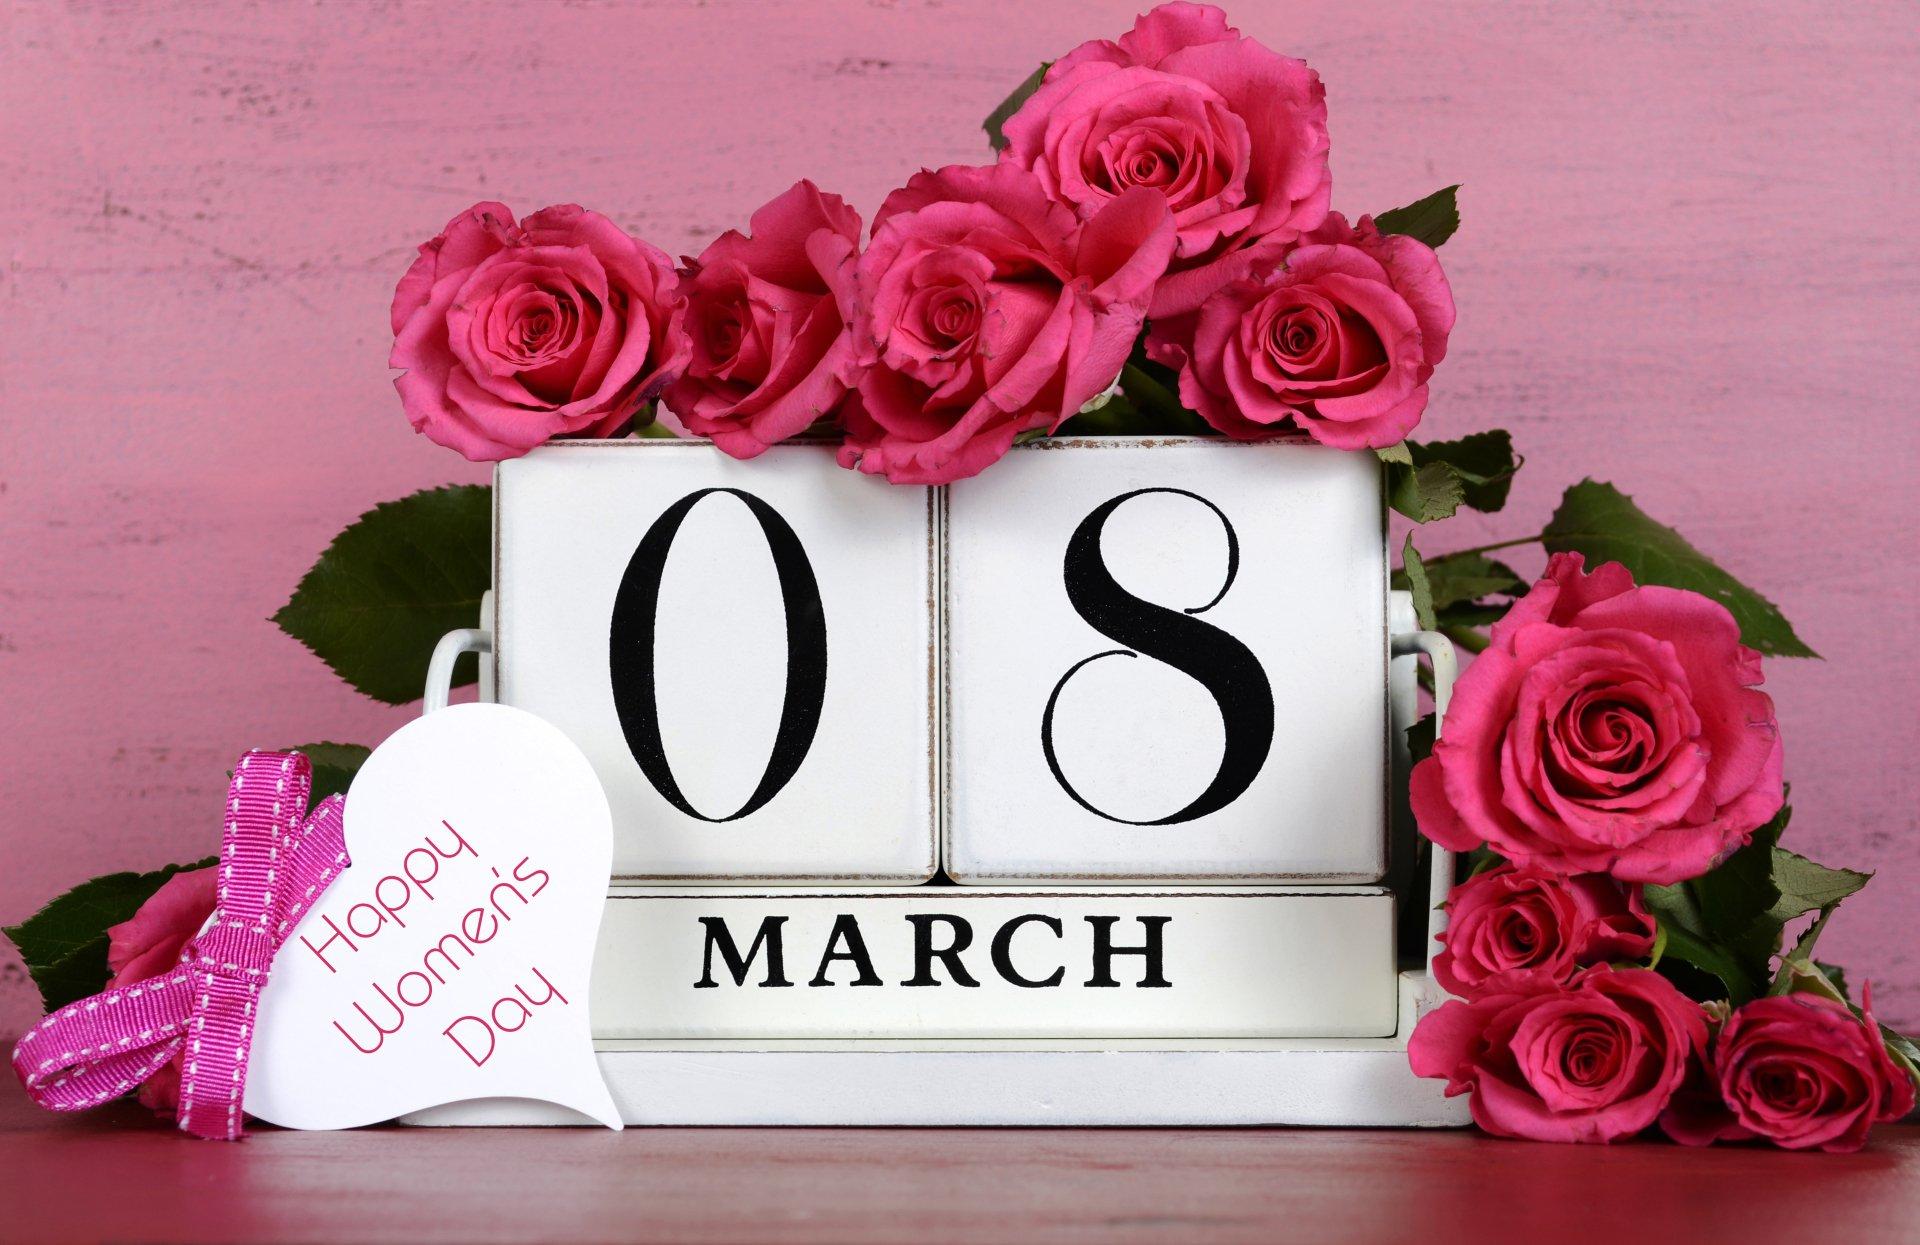 节日 - 妇女节  花 玫瑰 Pink Flower 壁纸